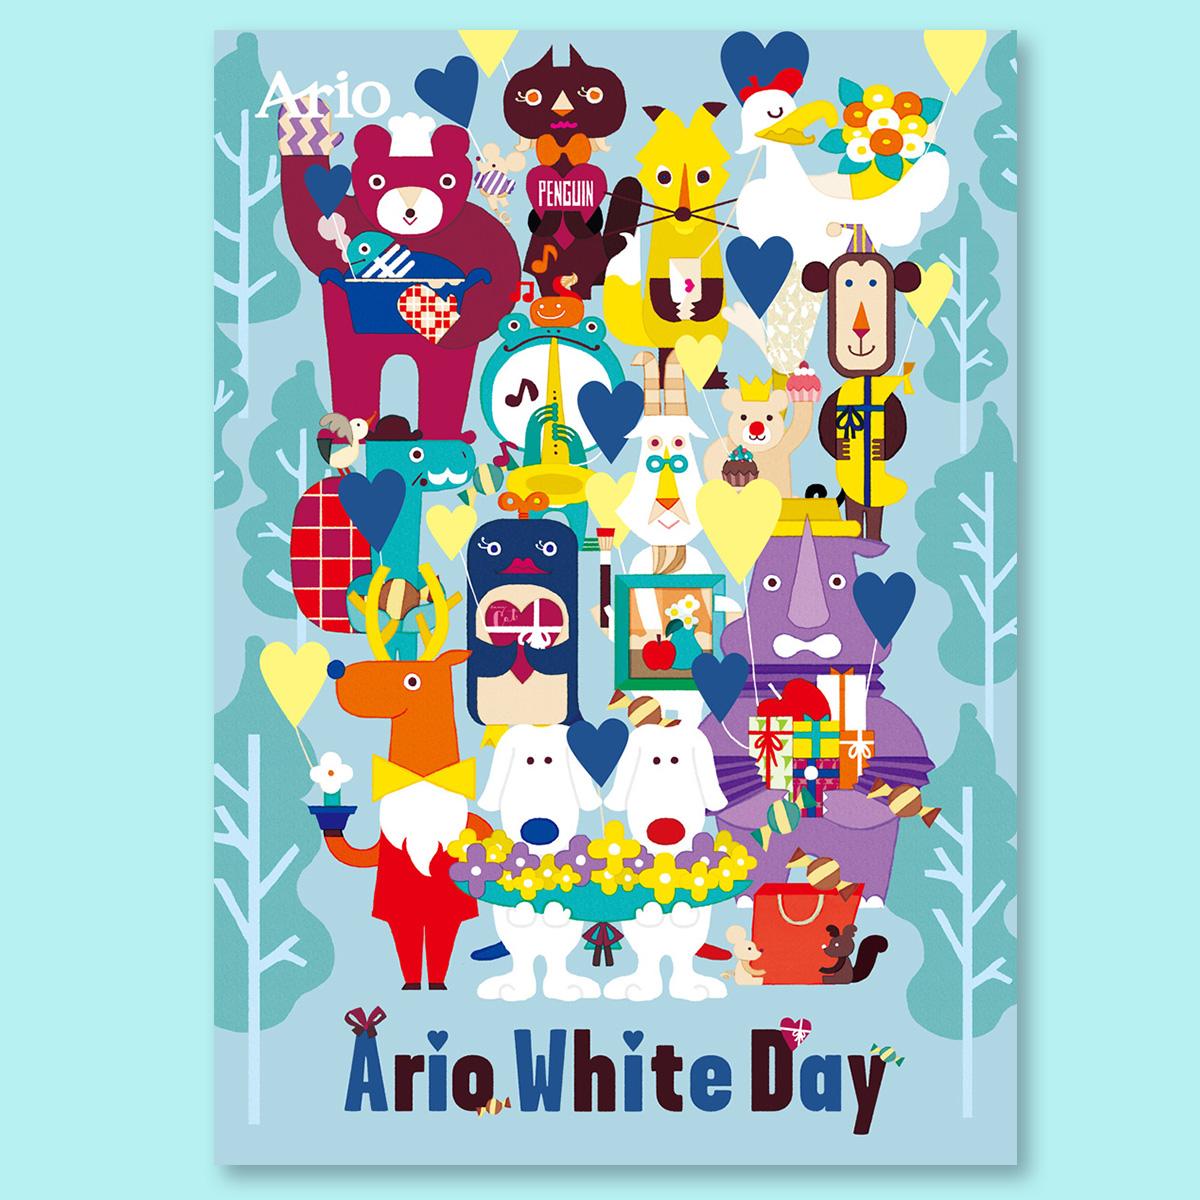 Ario ホワイトデーポスター